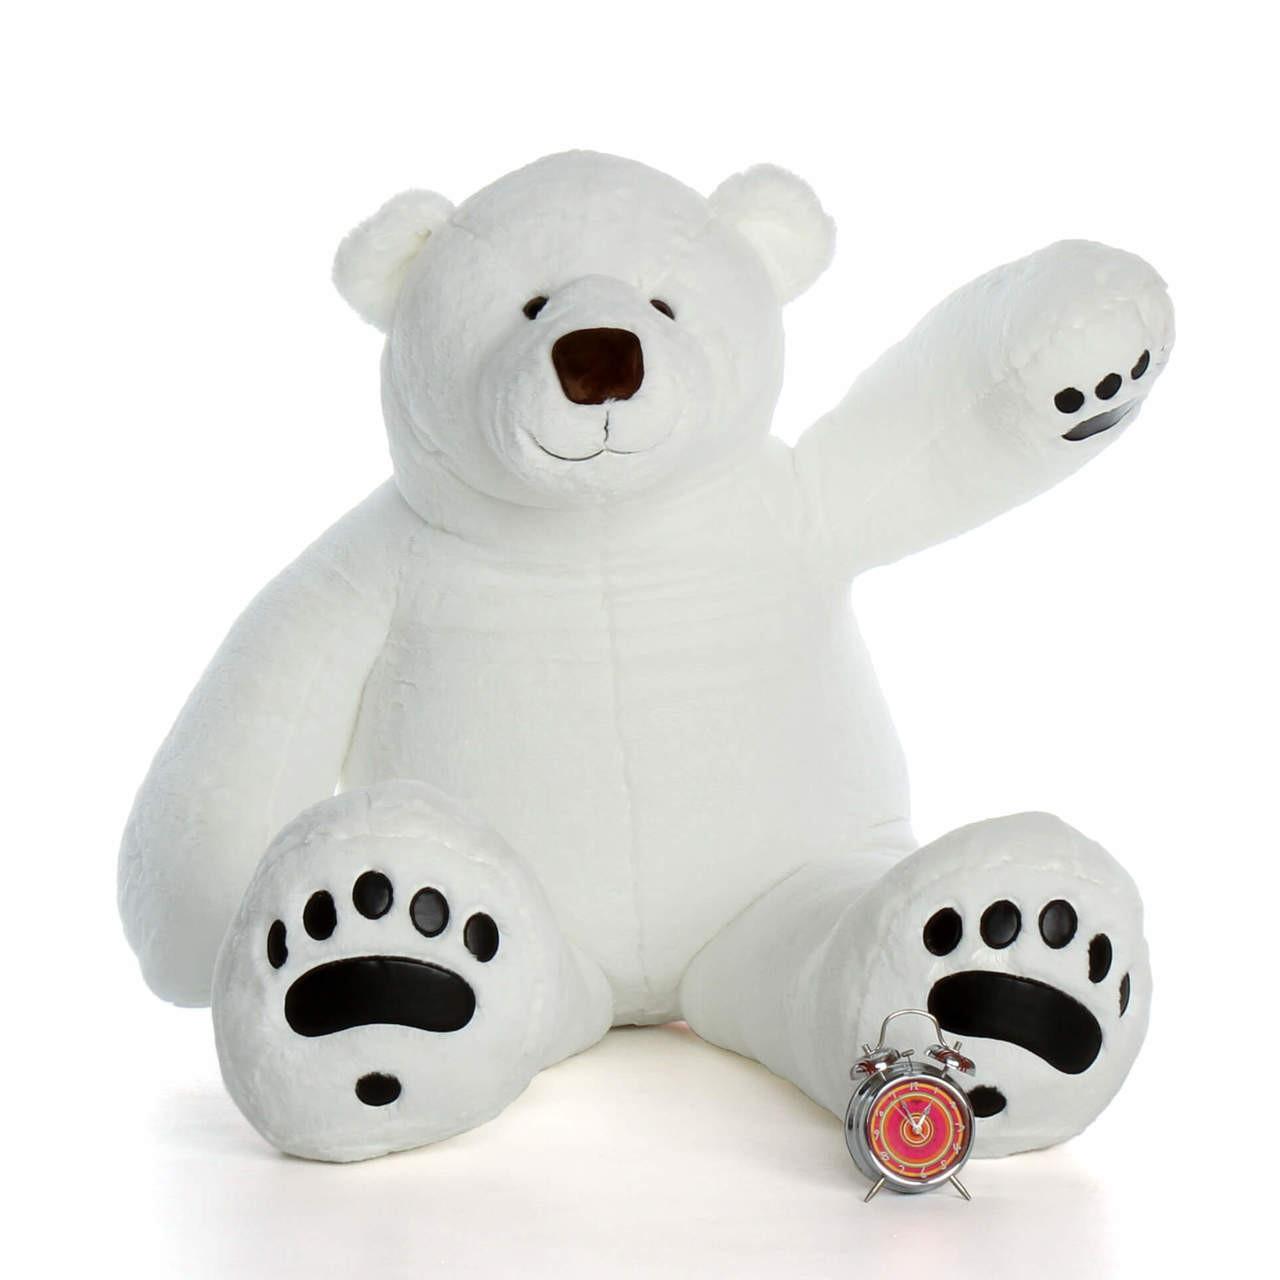 Giant Teddy Brand 6 Foot Polar Bear